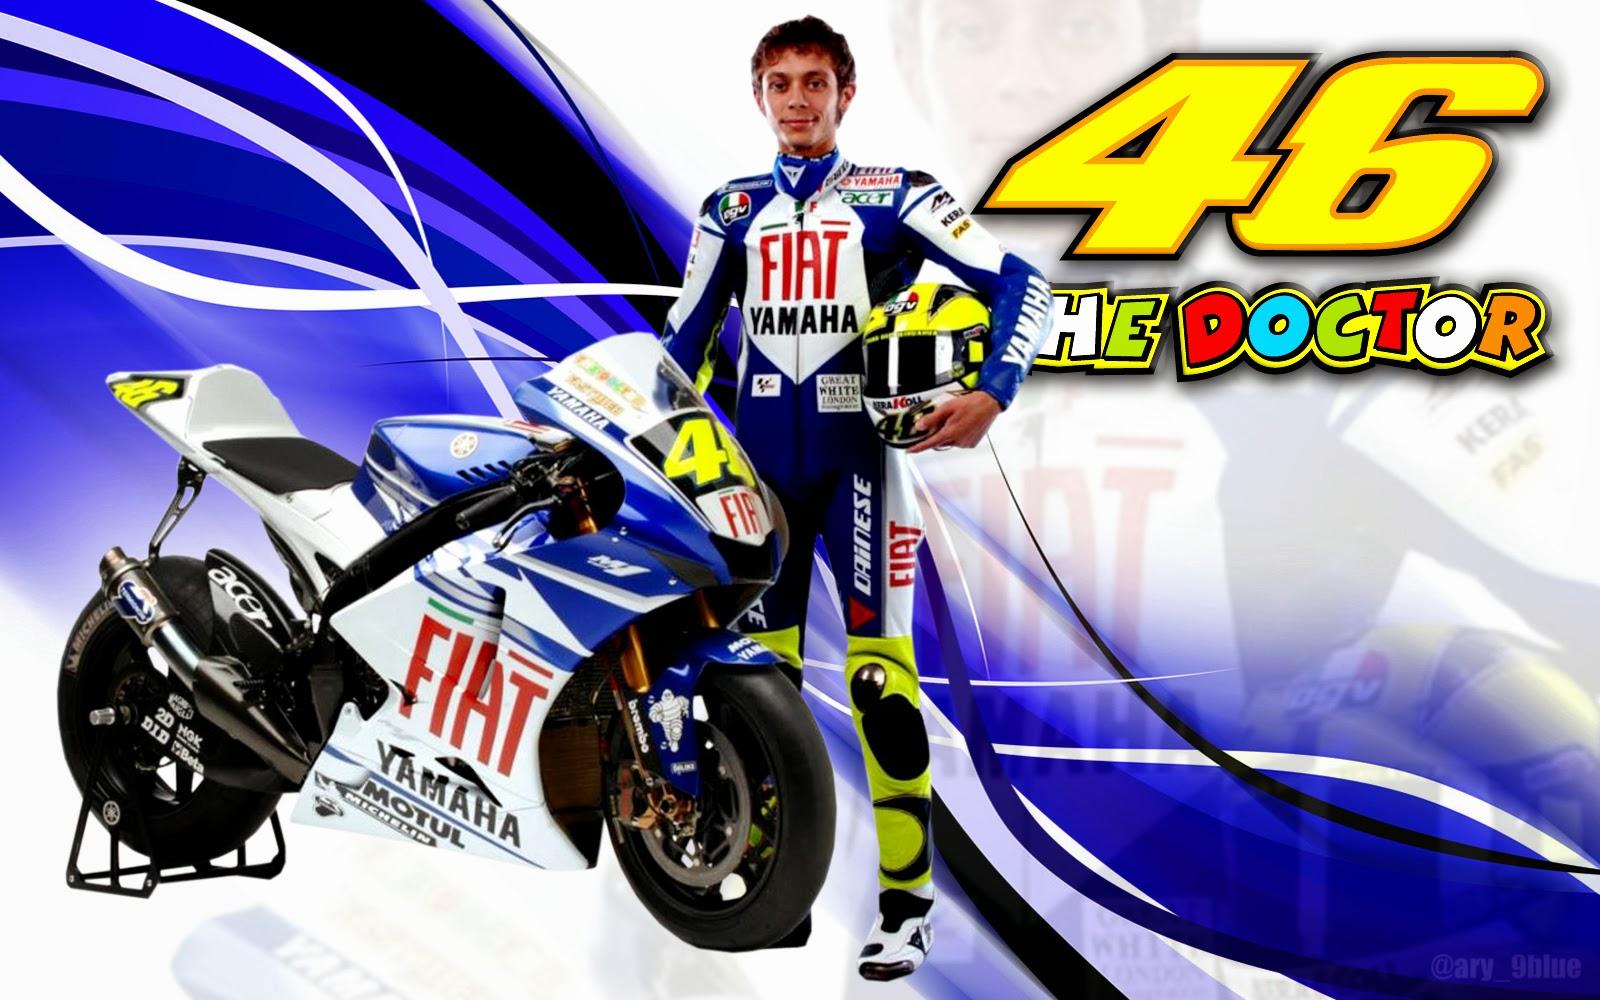 Wallpaper Valentino Rossi Motogp Terbaru Dan Paling Keren